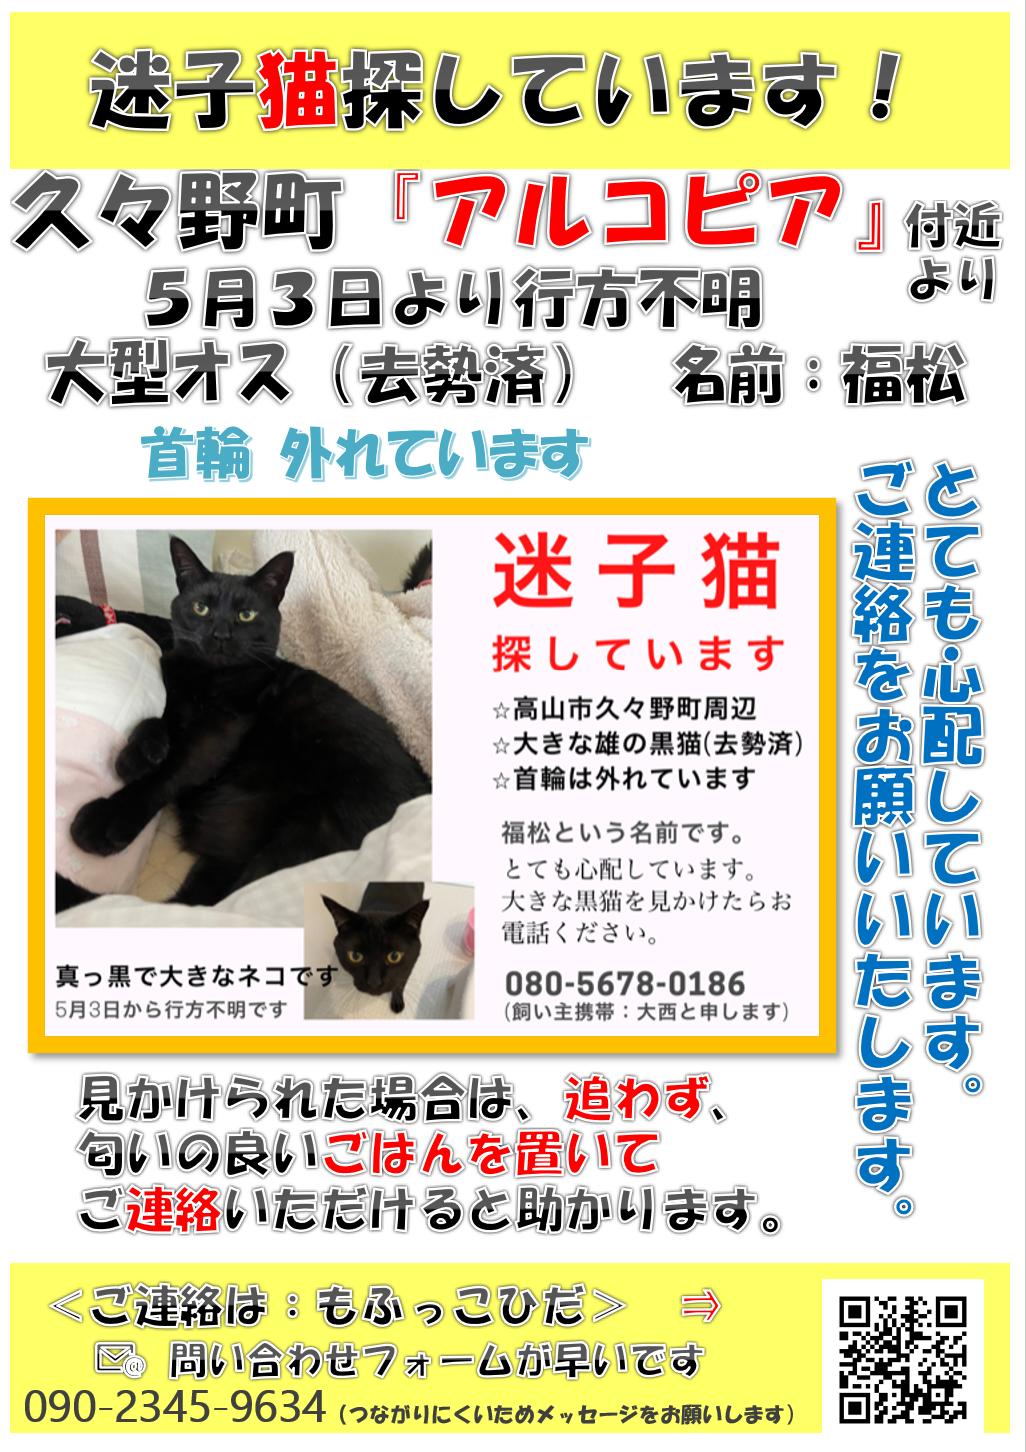 >〇<緊急 久々野町で猫!探しています!!>〇<